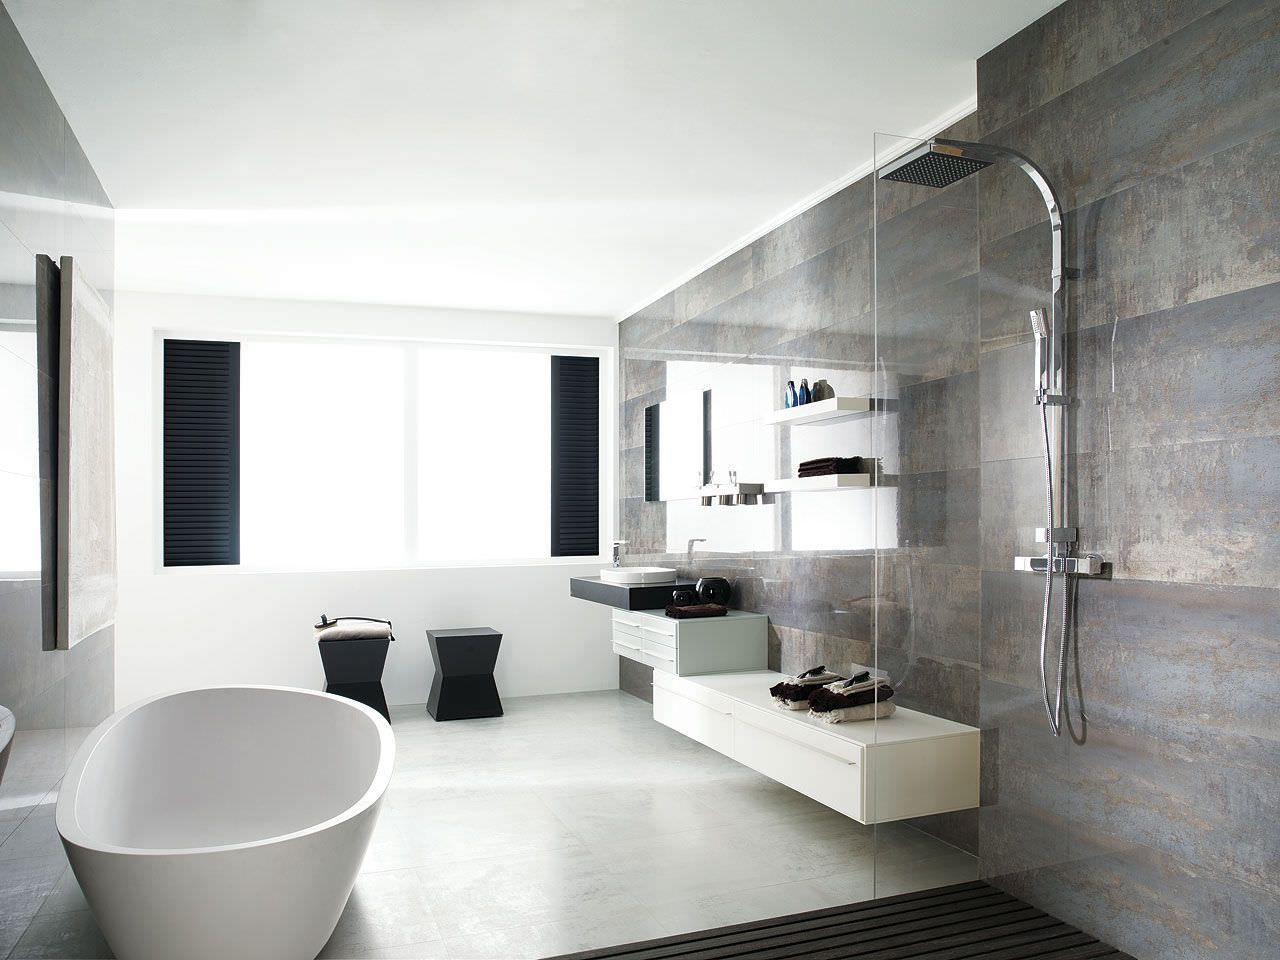 salle de bain porcelanosa - Recherche Google  Revestimientos